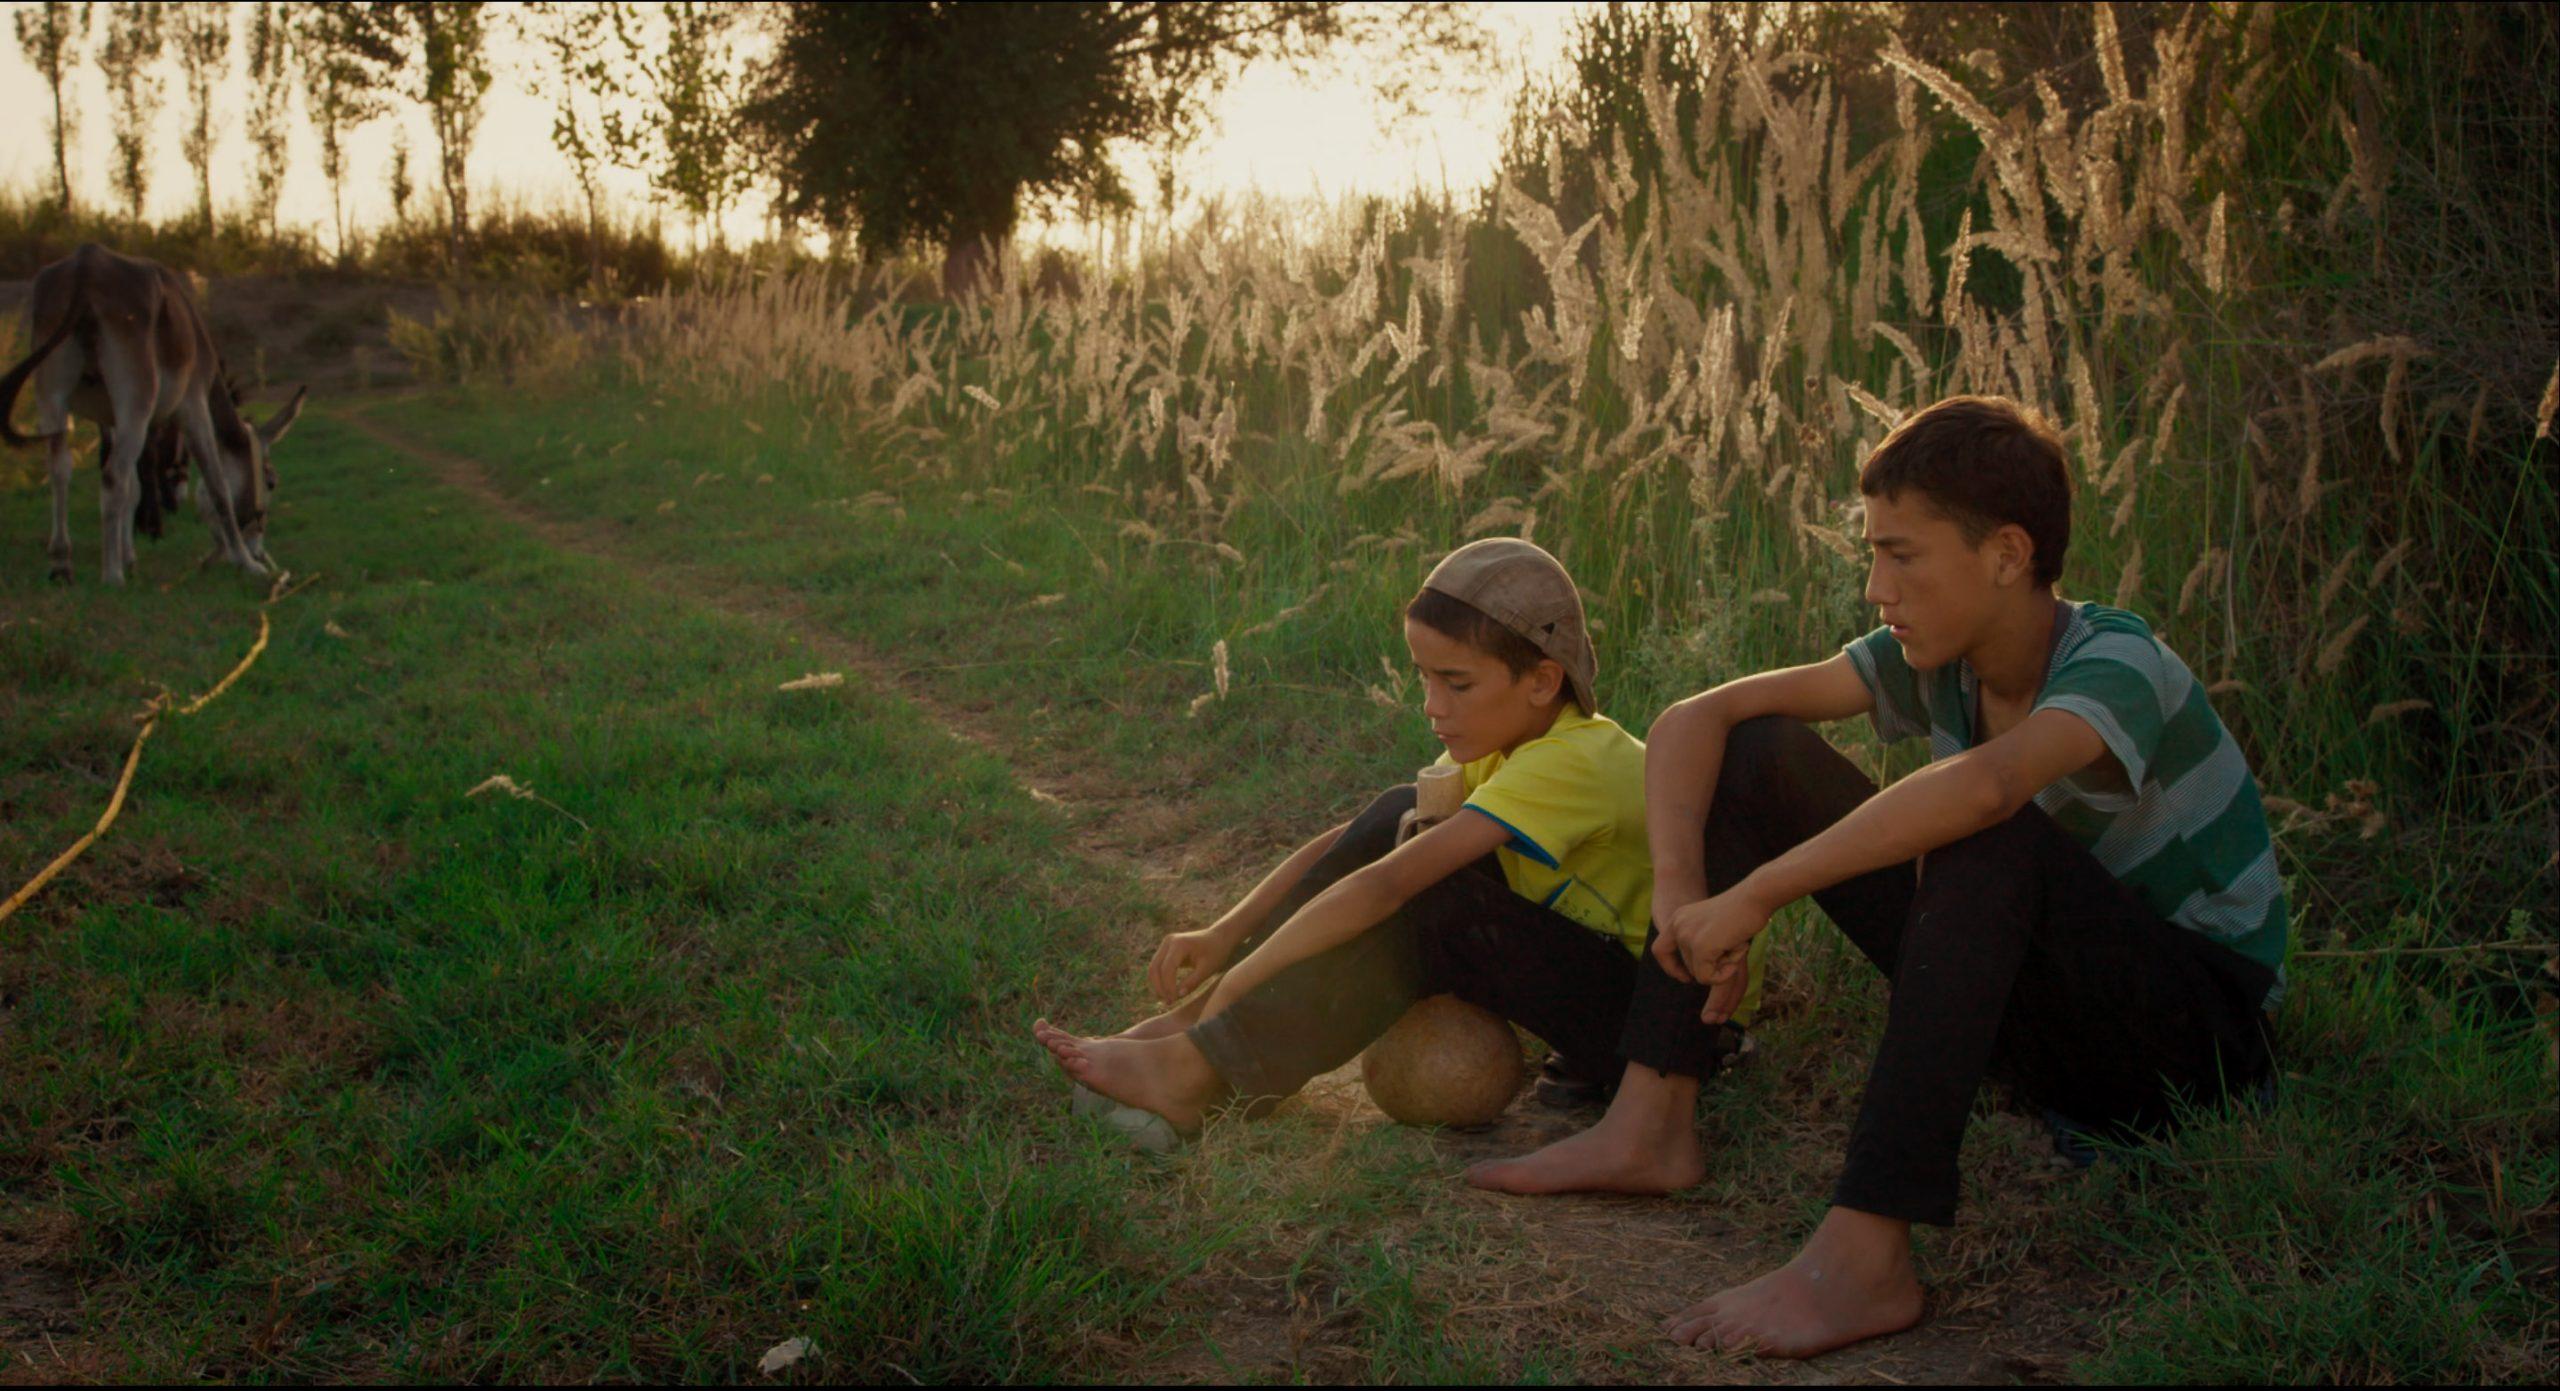 Source: Beijing Medoc Film